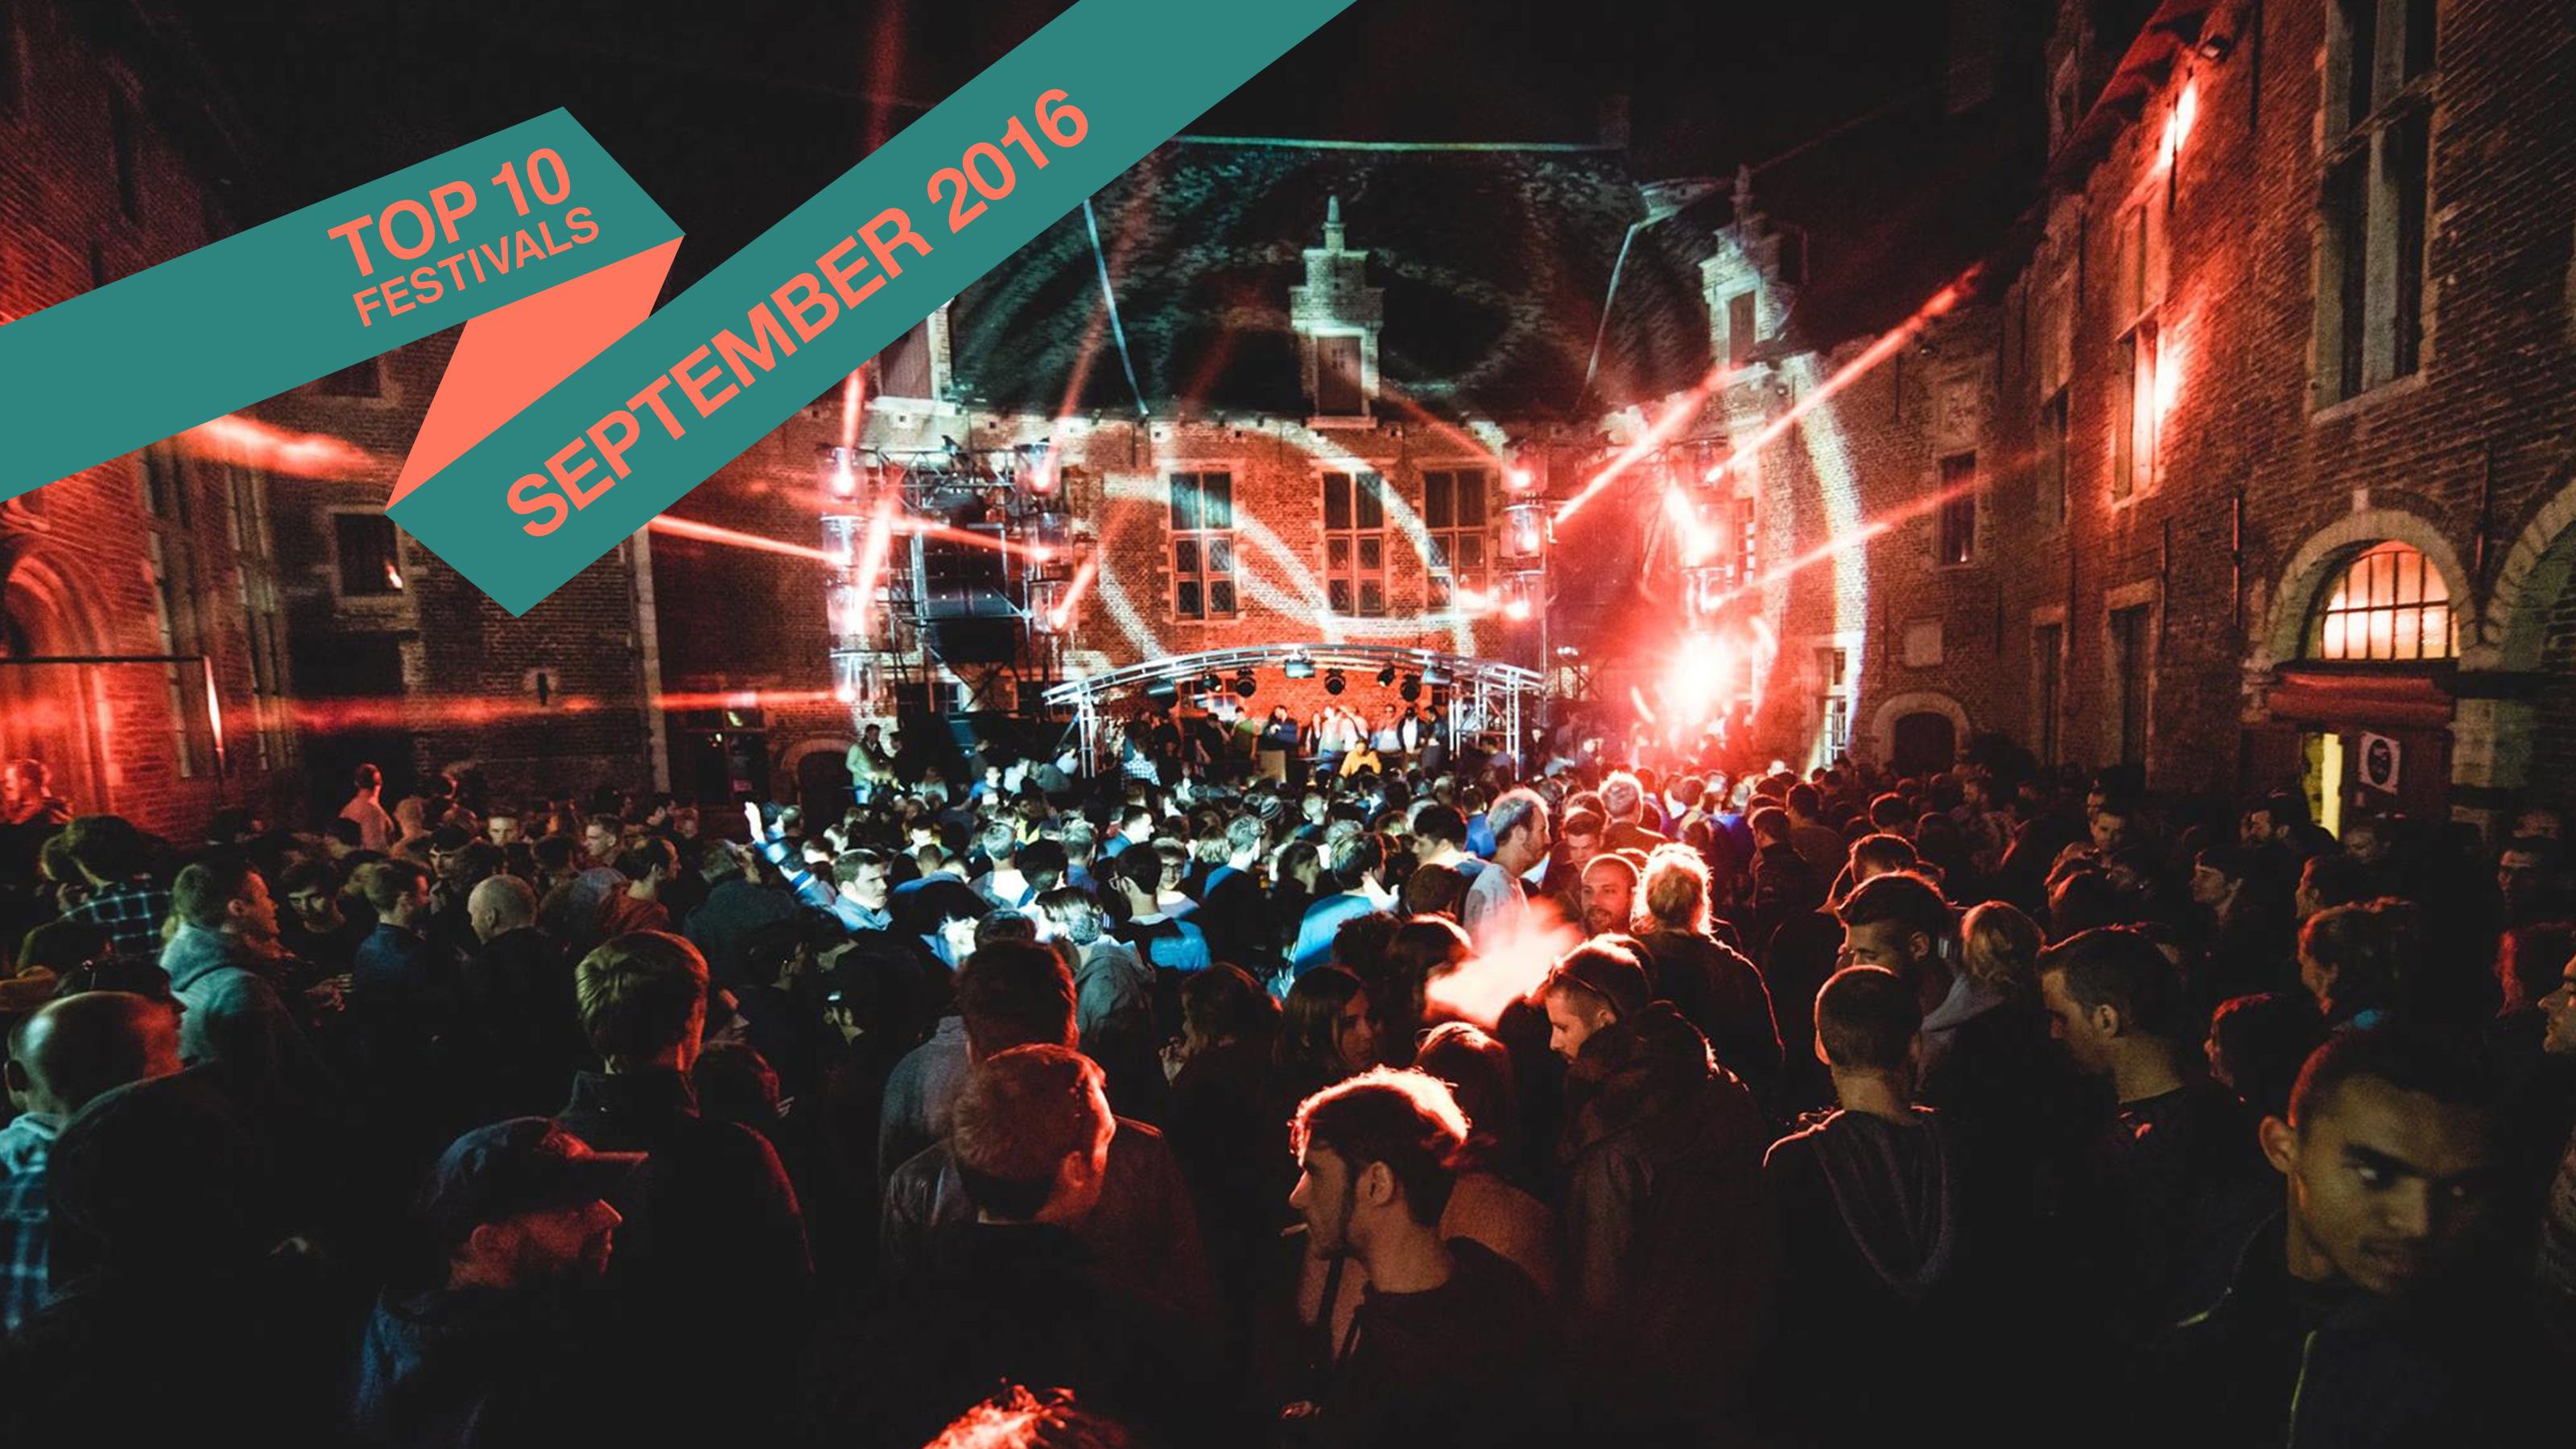 Top 10 September 2016 Festivals